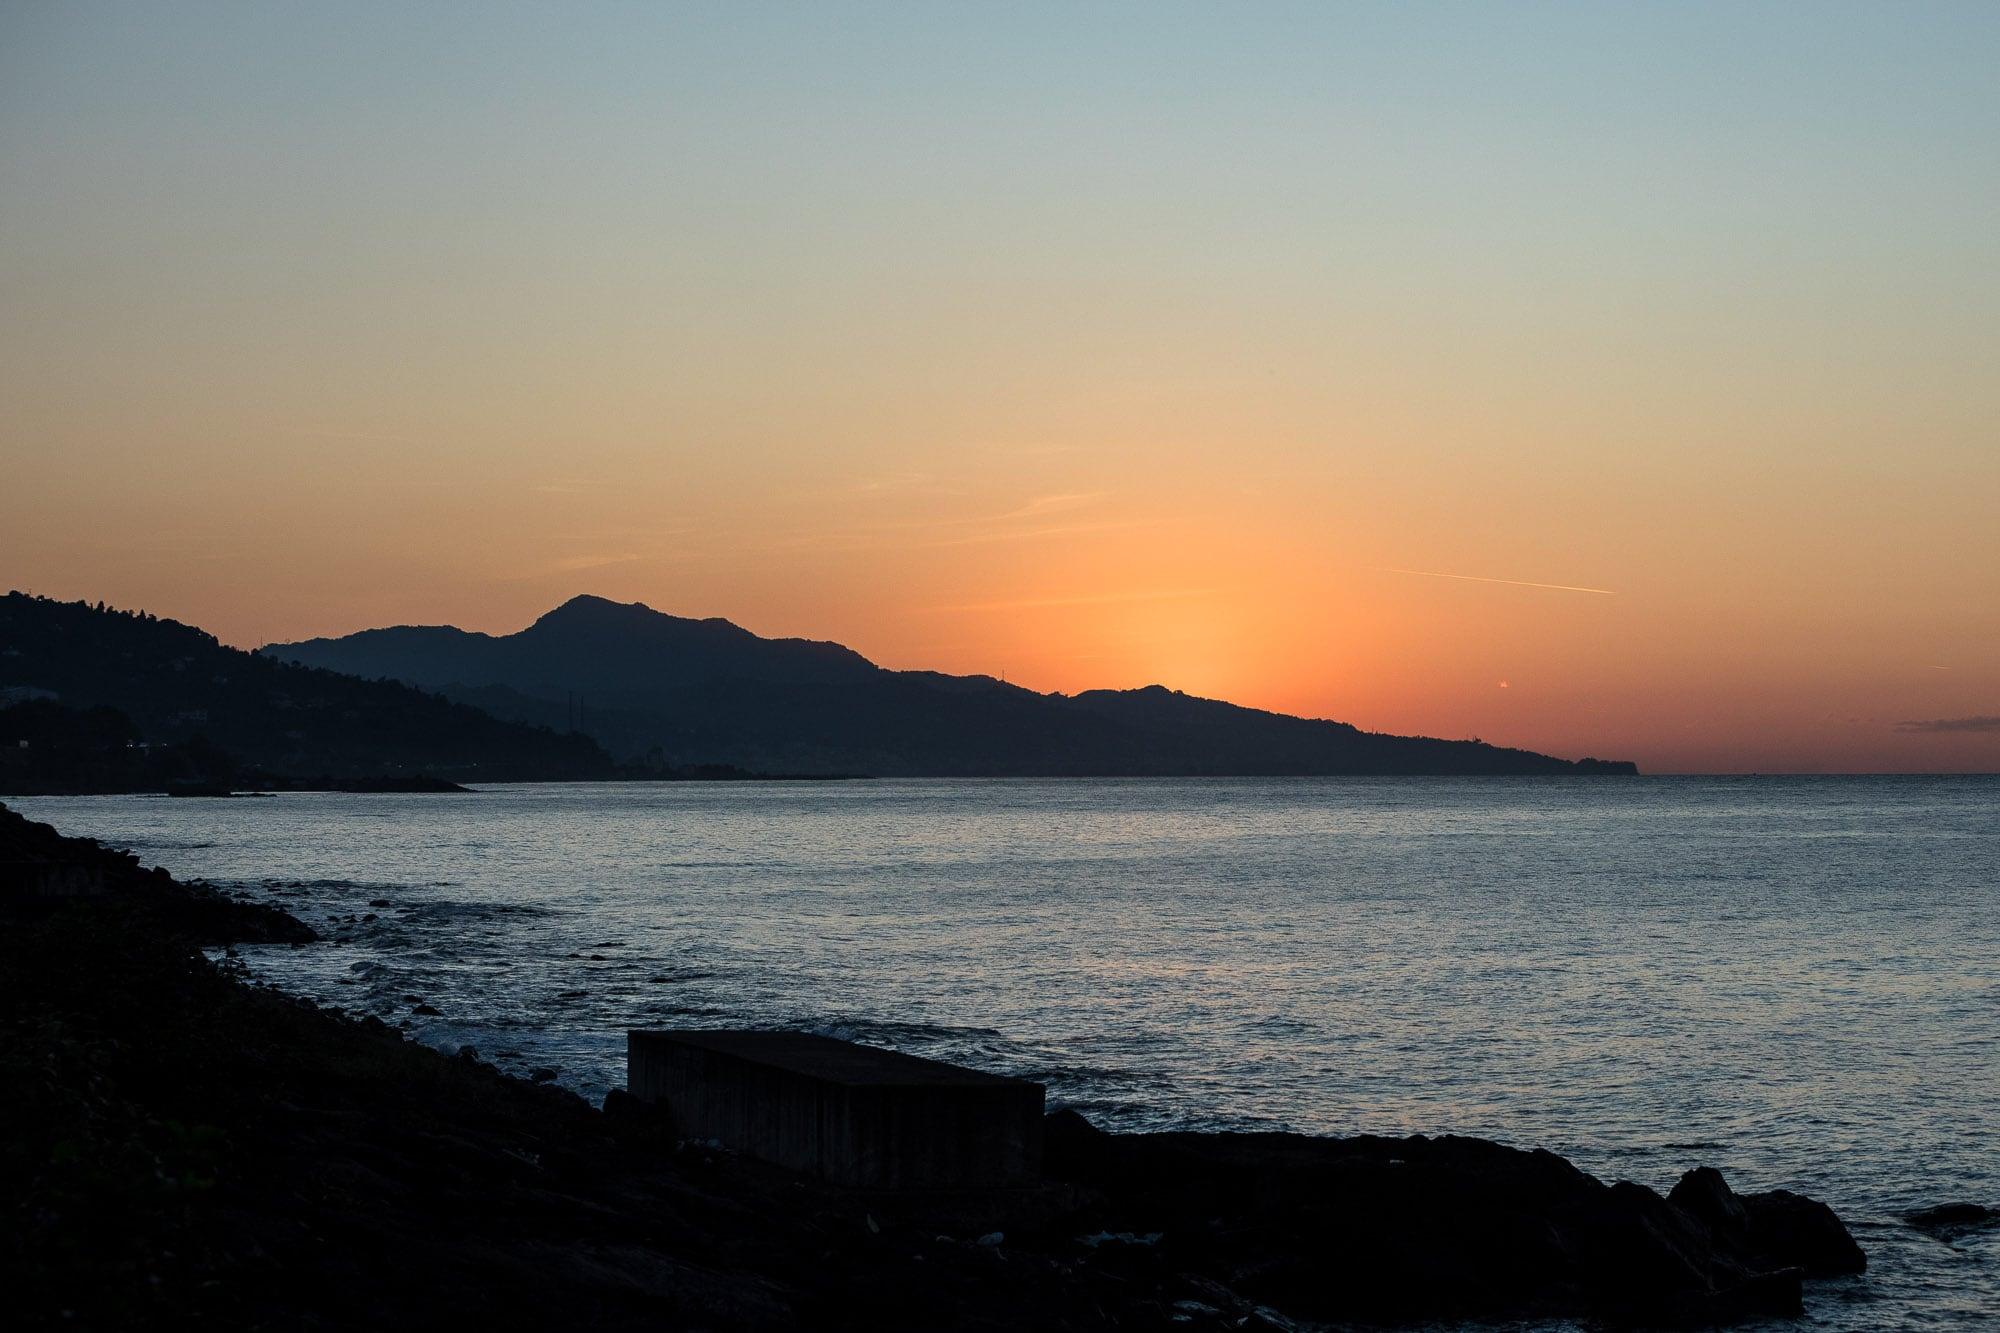 sunset near Cavuslu